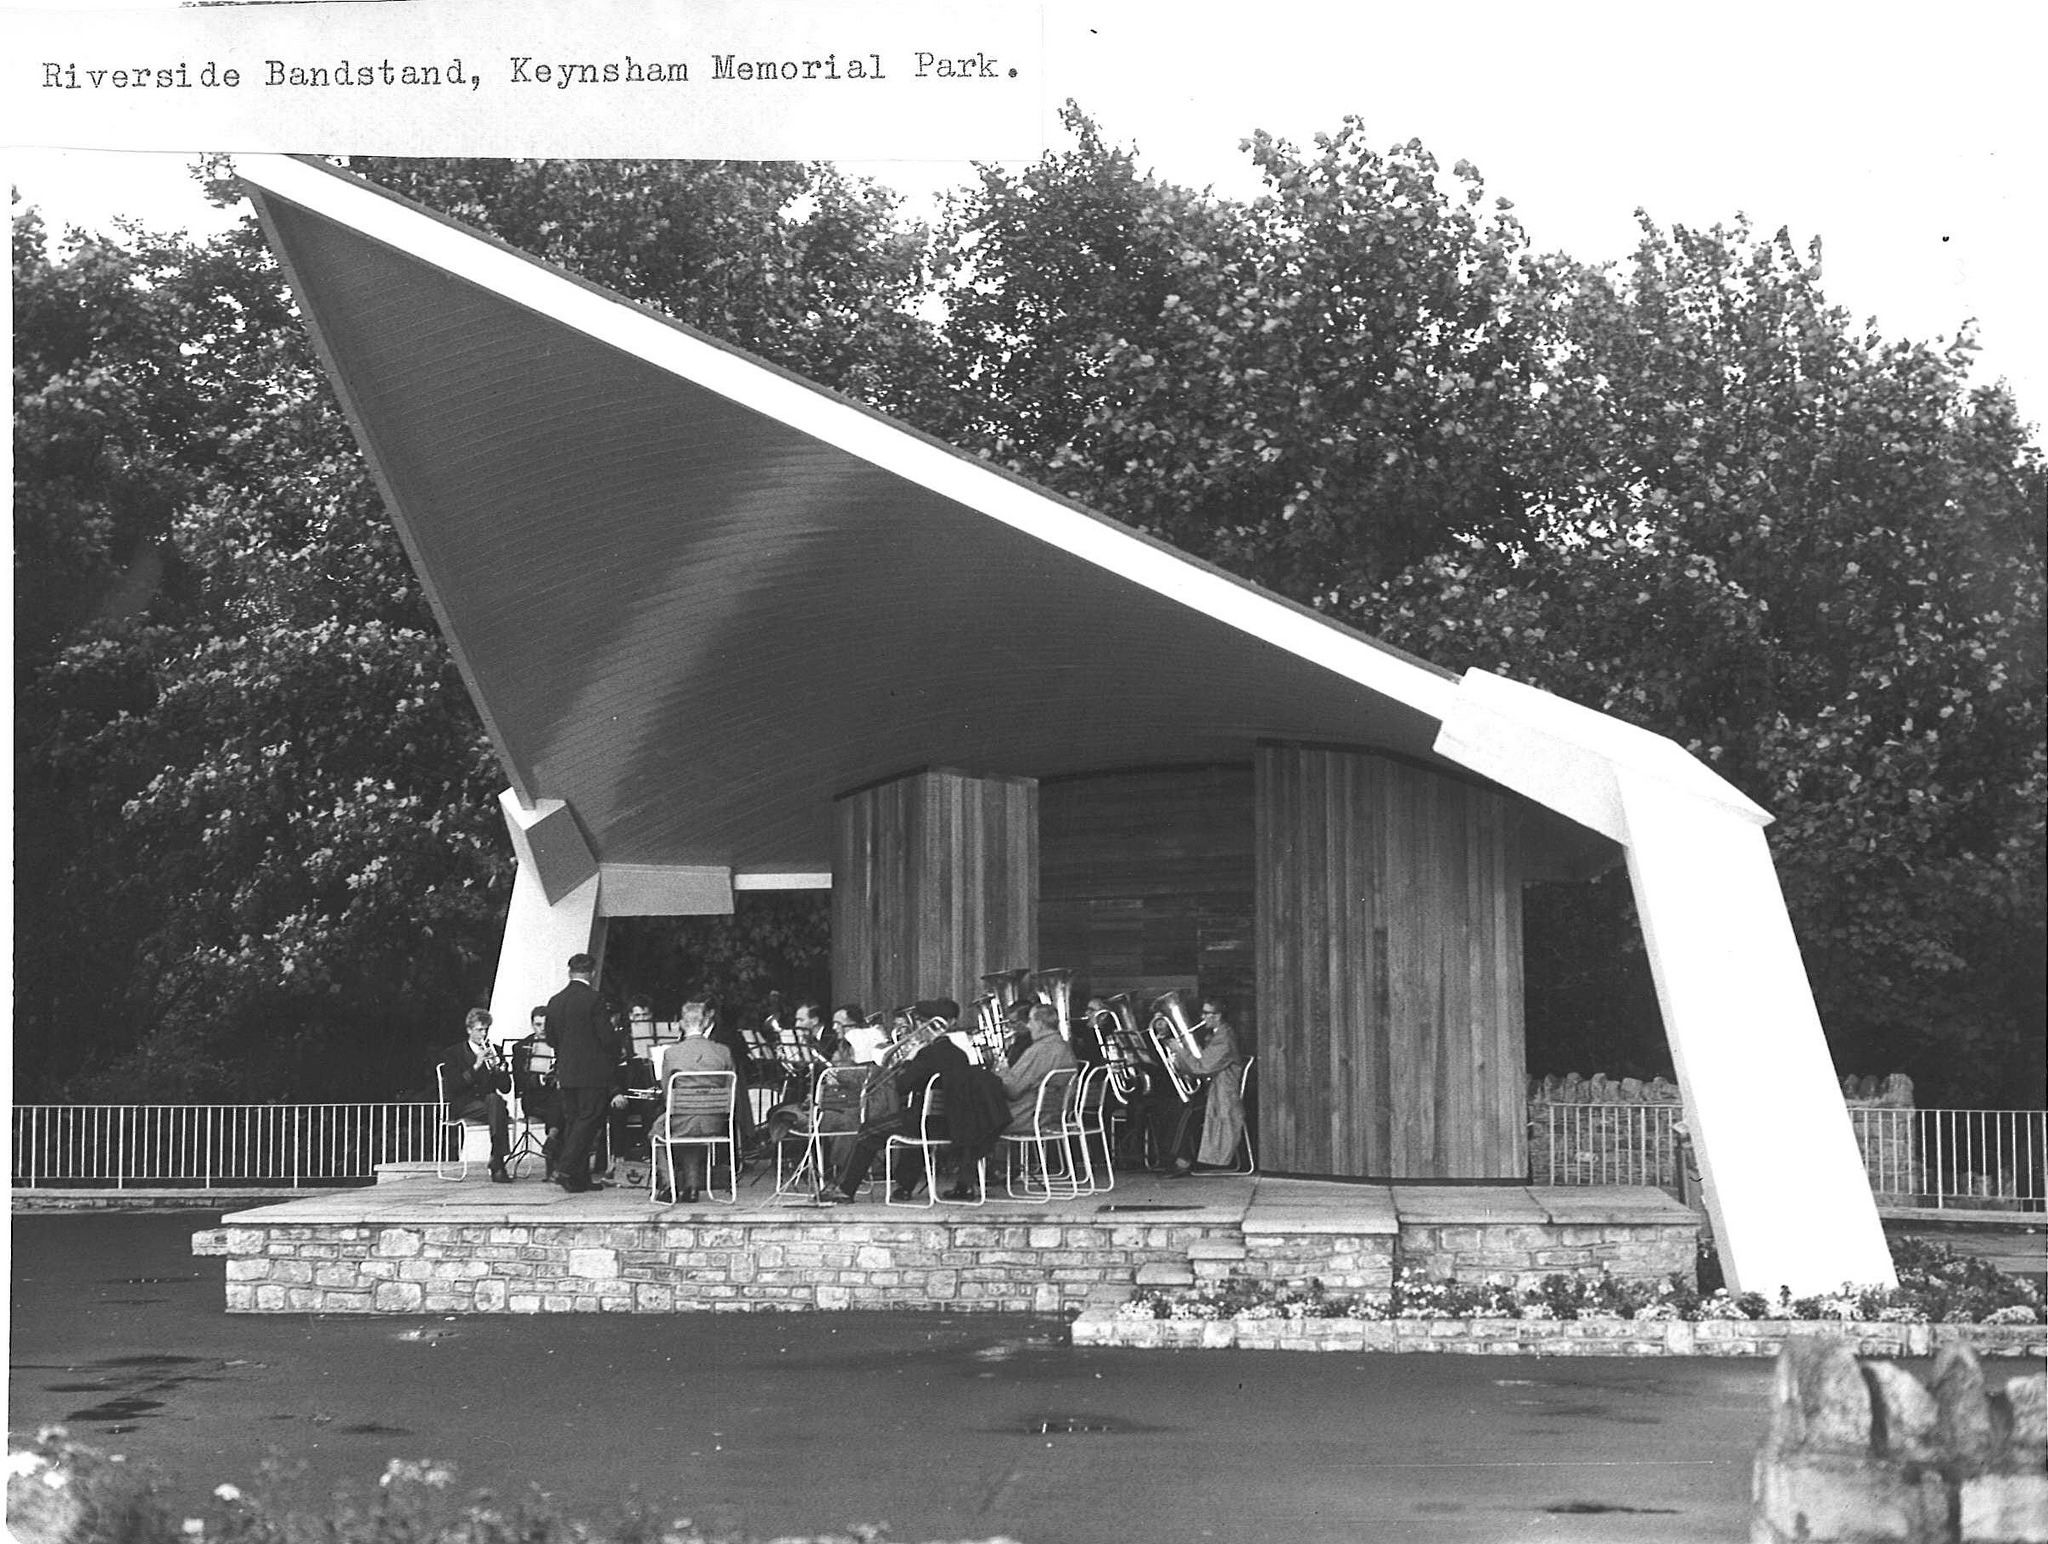 The Riverside Bandstand, Keynsham Park City of bristol